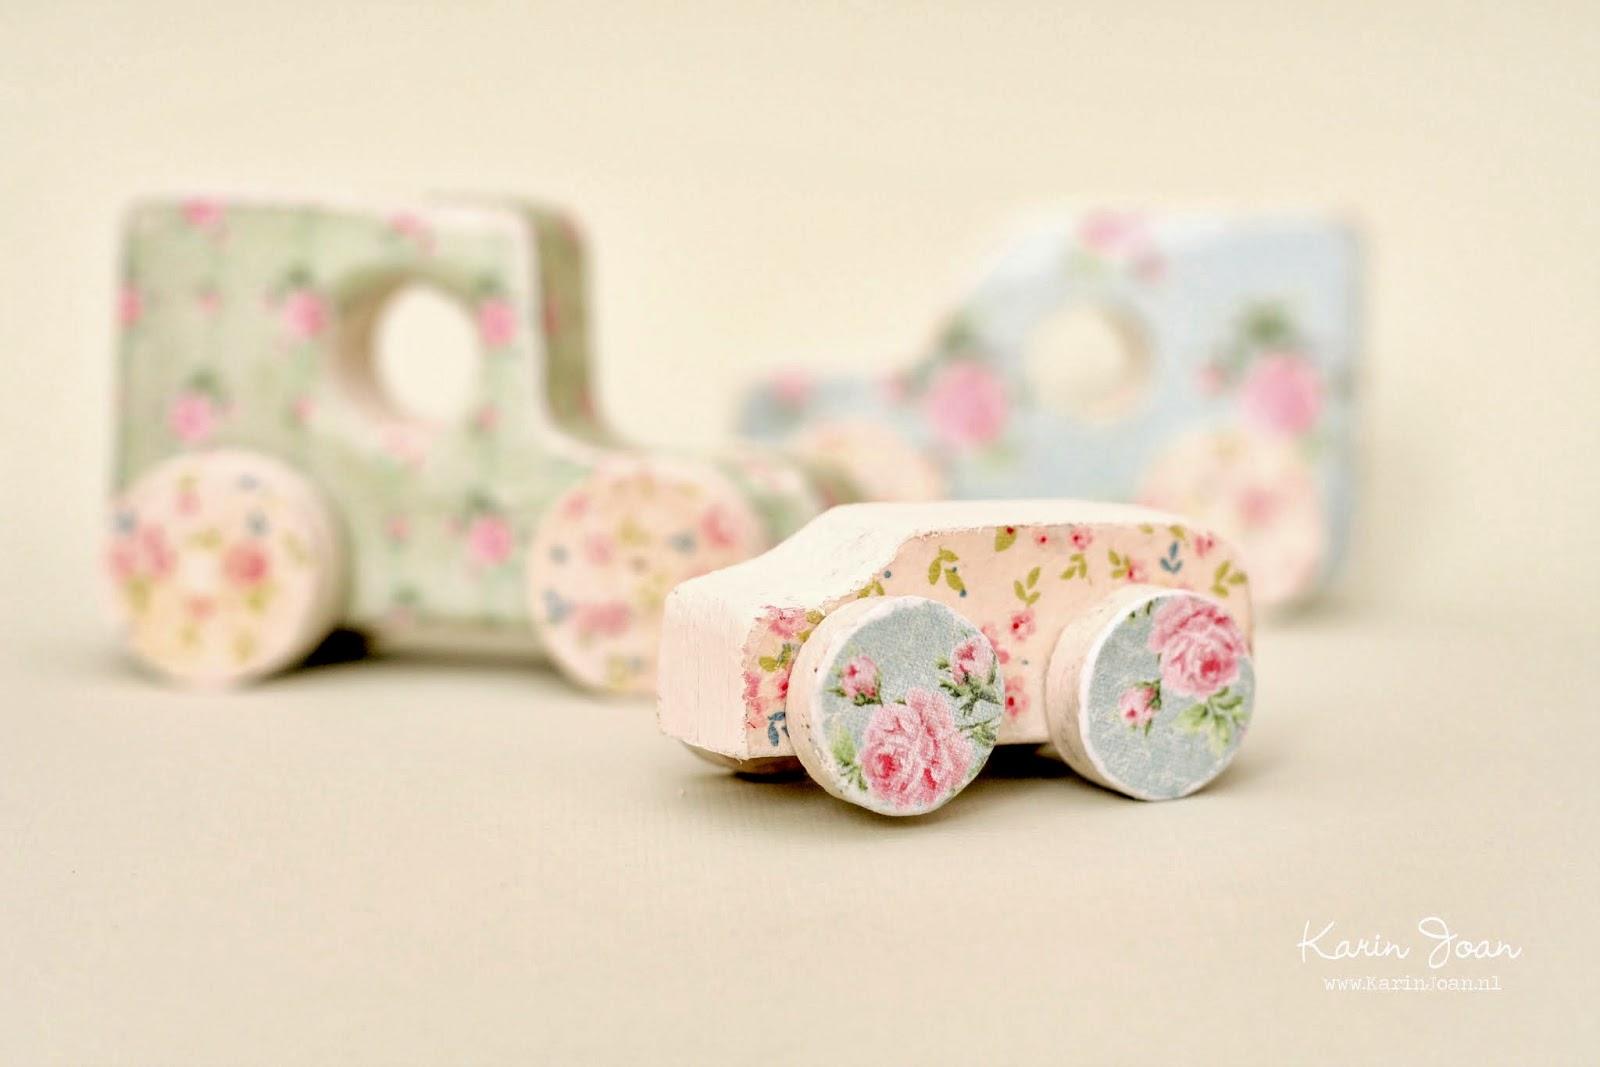 Karin joan autootjes voor kleine meisjes video - Klein meisje idee ...